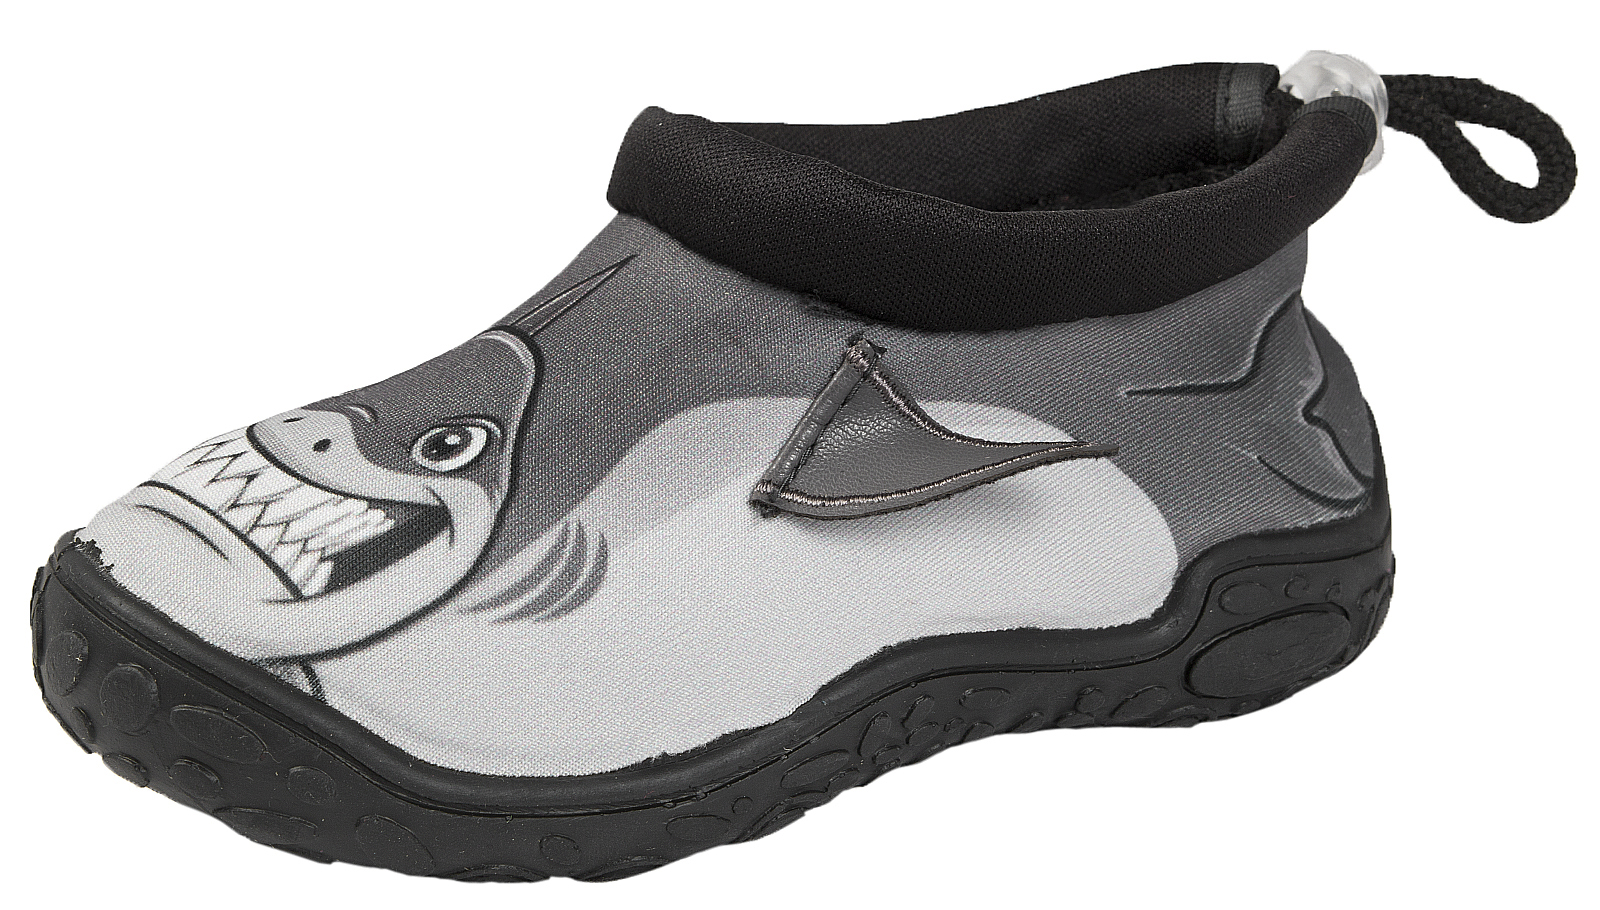 Boys 3D Shark Sandals Aqua Shoes Water Beach Comfort Summer Kids Character    eBay